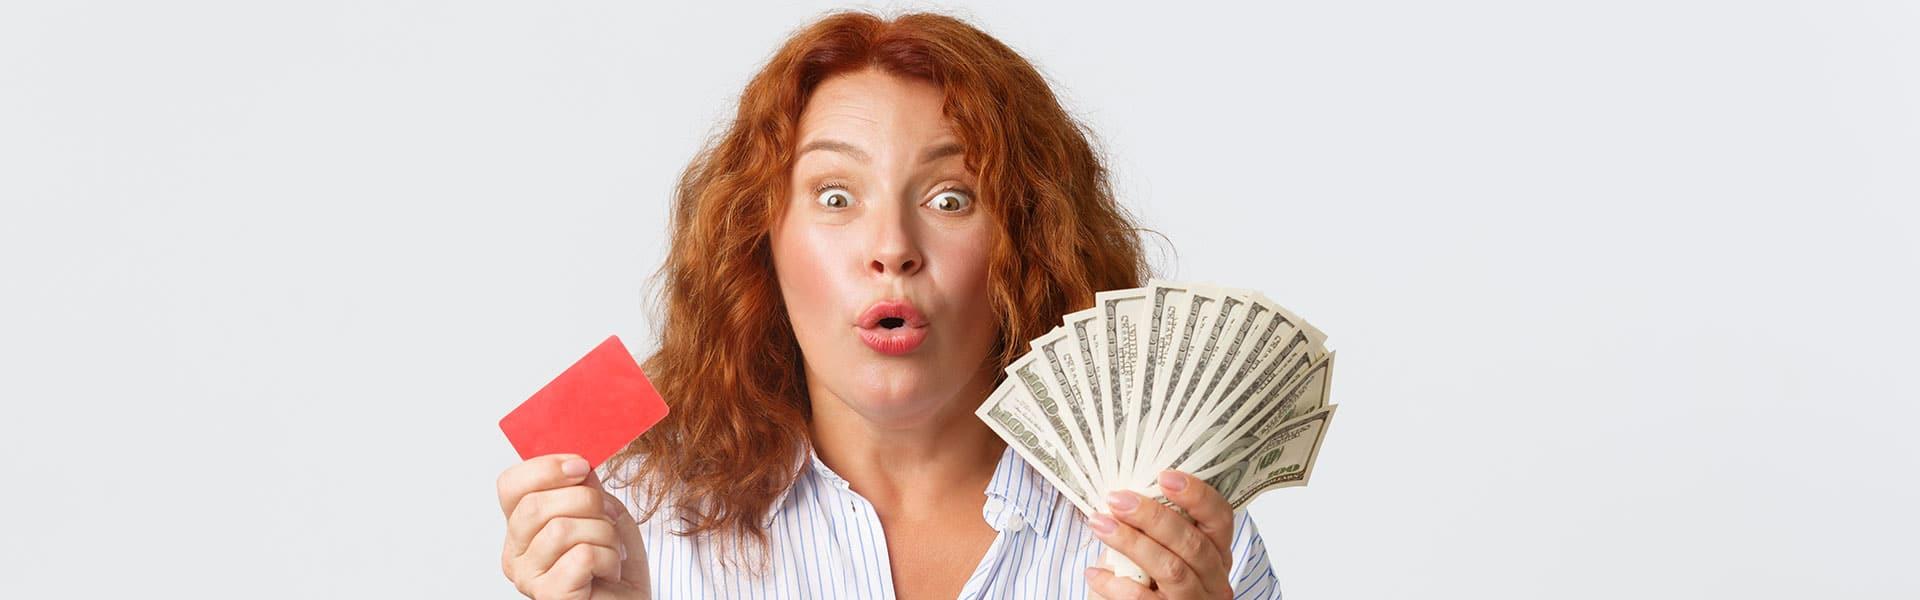 הכנסה נוספת מהבית לאמהות ללא ניסיון